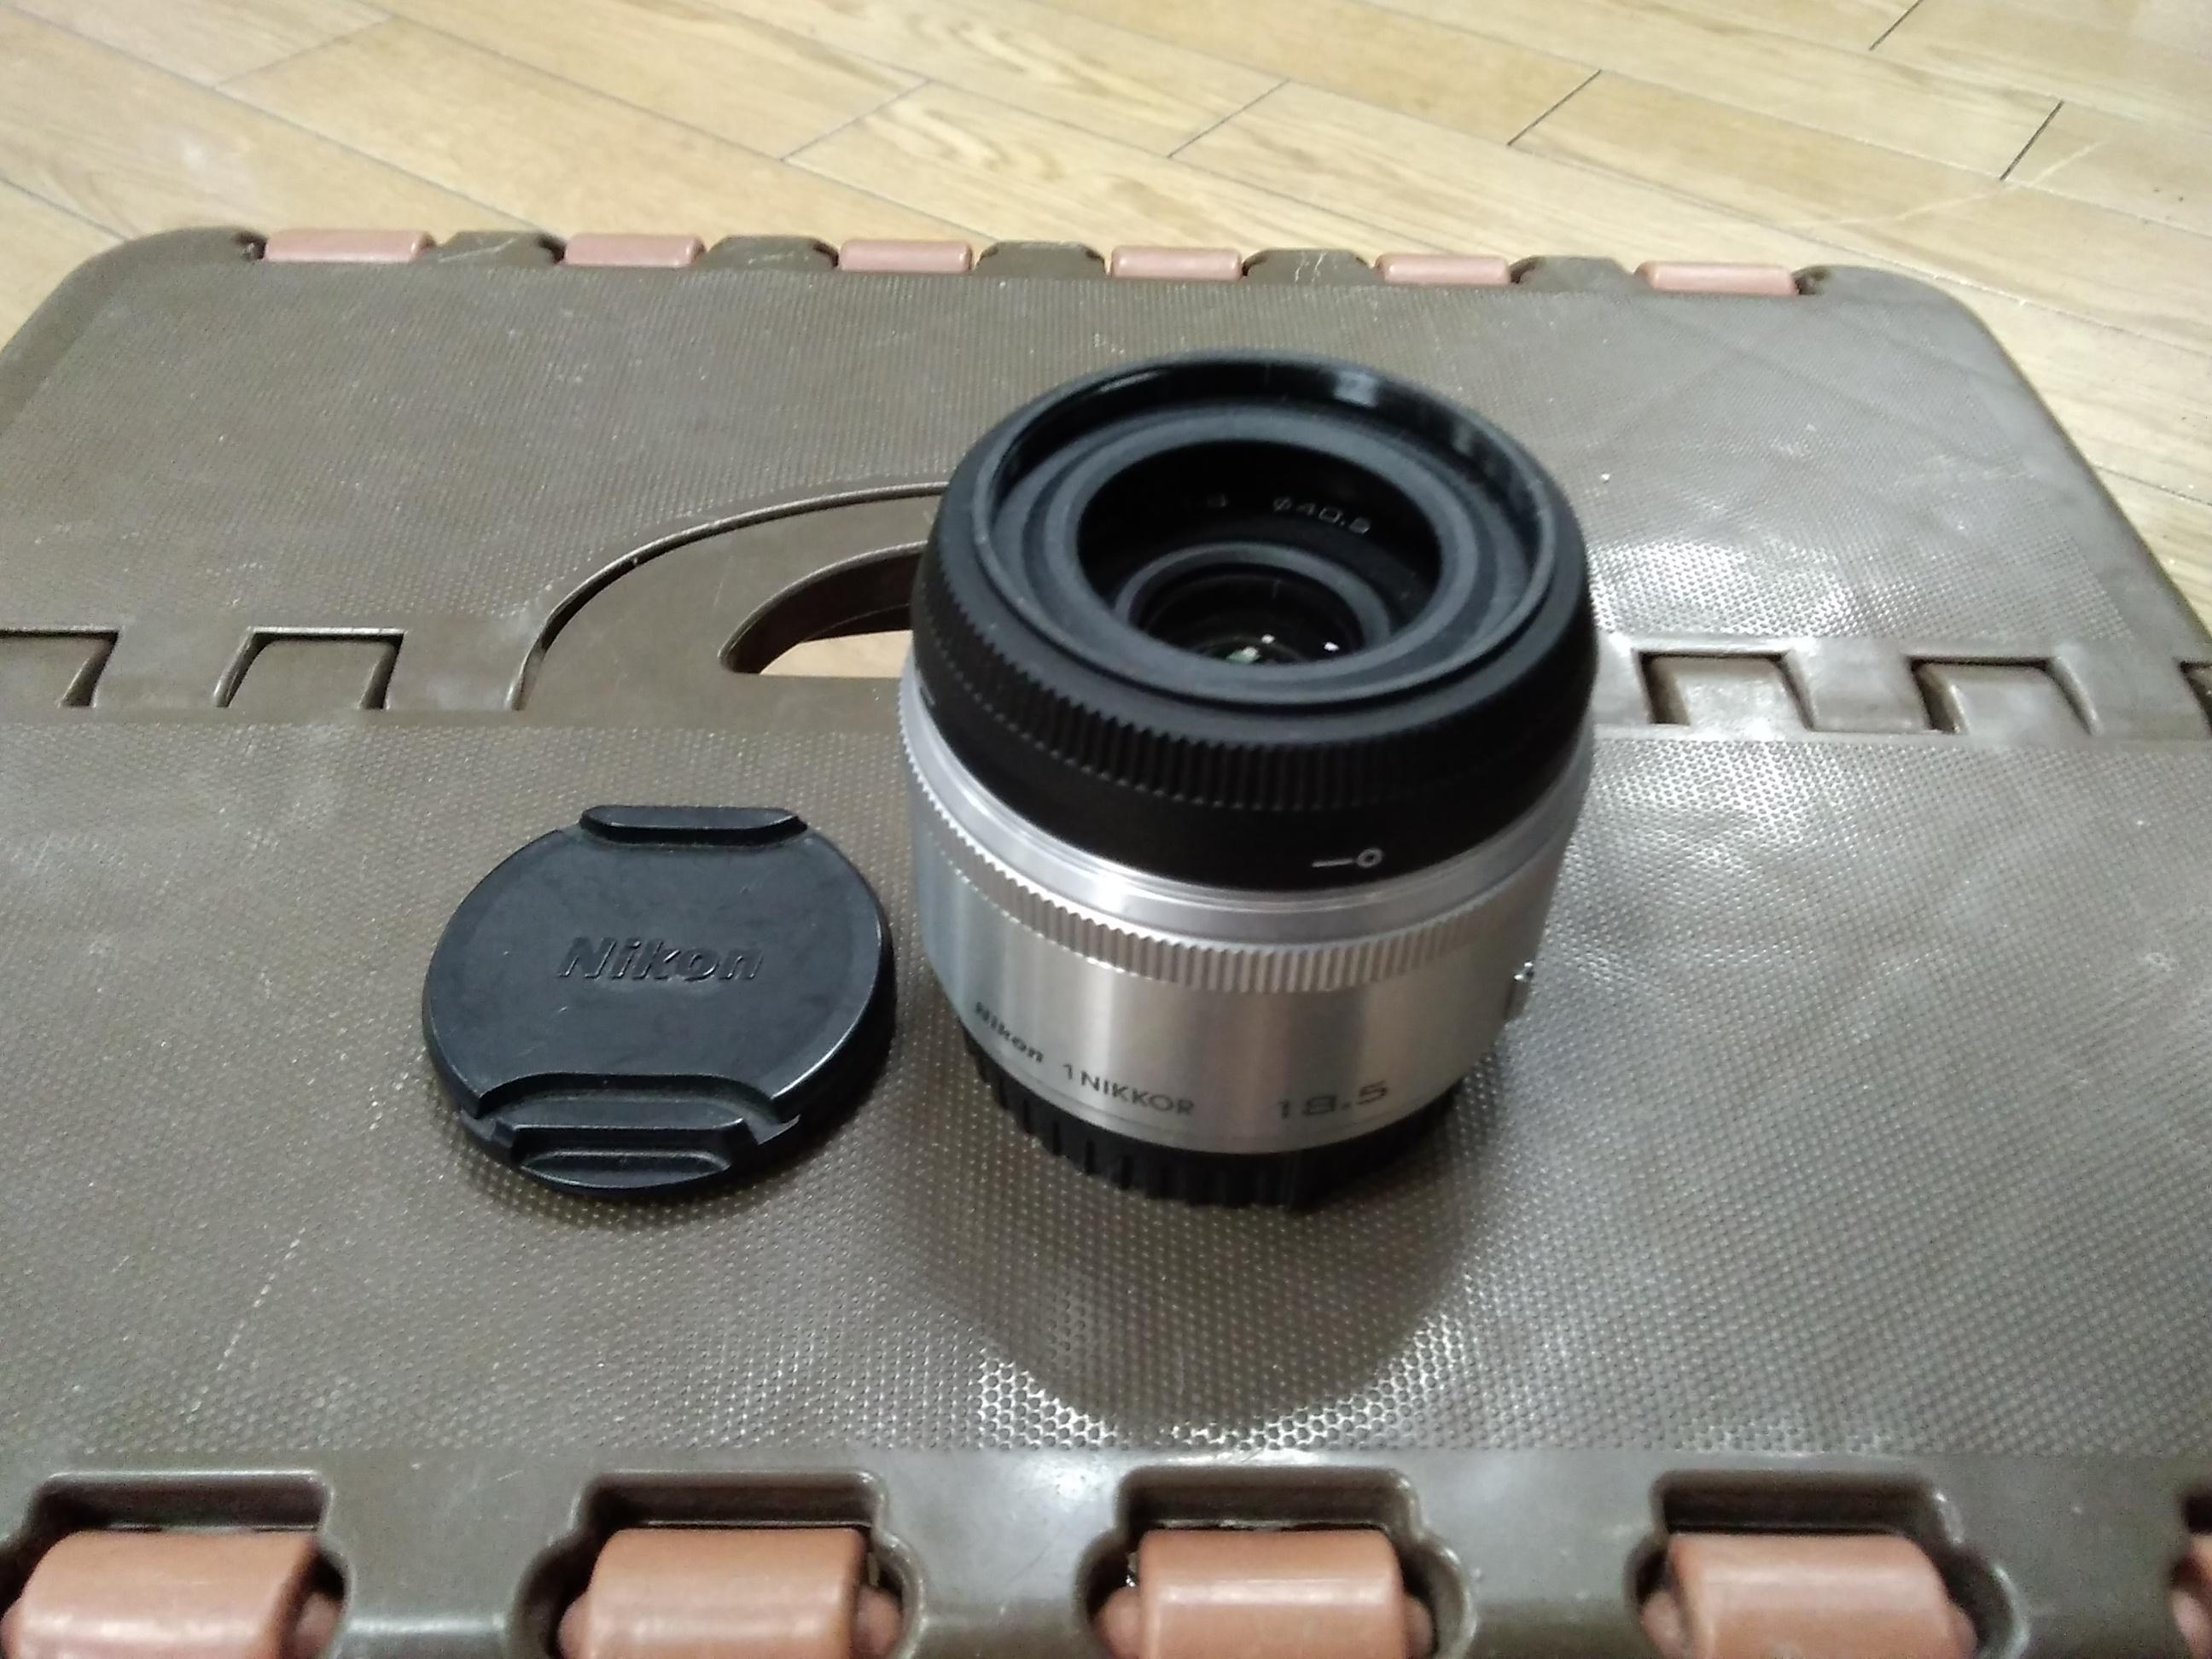 ミラーレス広角単焦点レンズ|NIKON